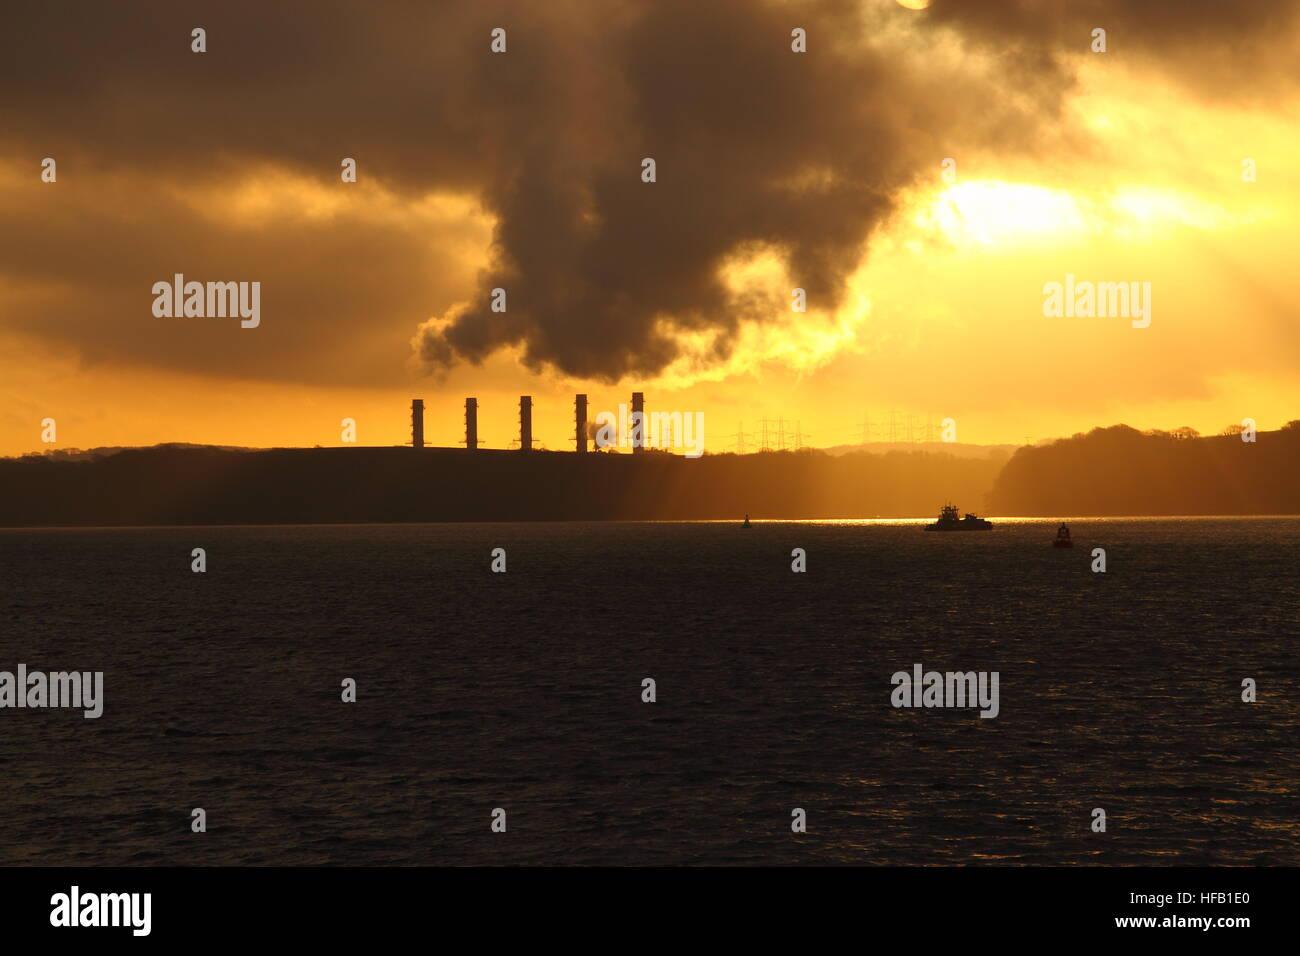 Power Station en la costa al amanecer. Concepto de calentamiento global Imagen De Stock